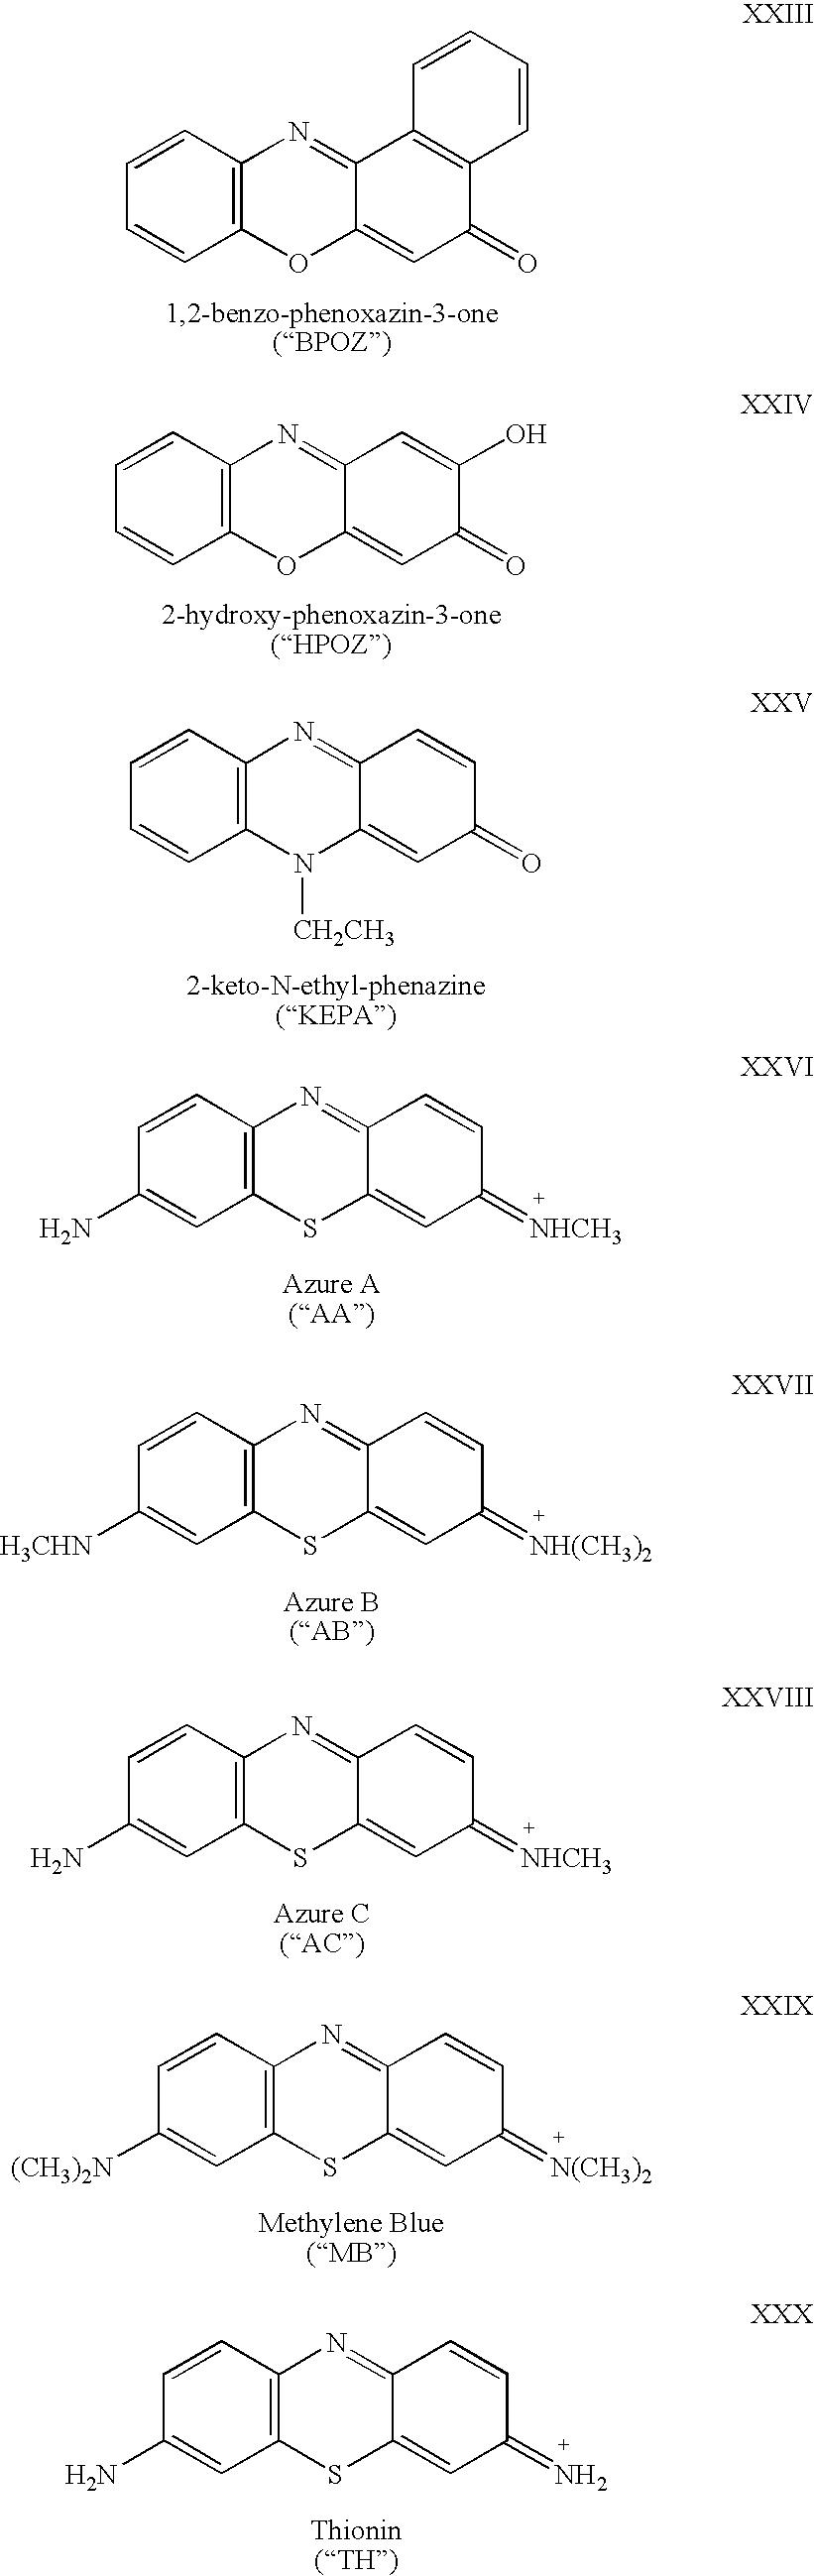 Figure US07643200-20100105-C00020